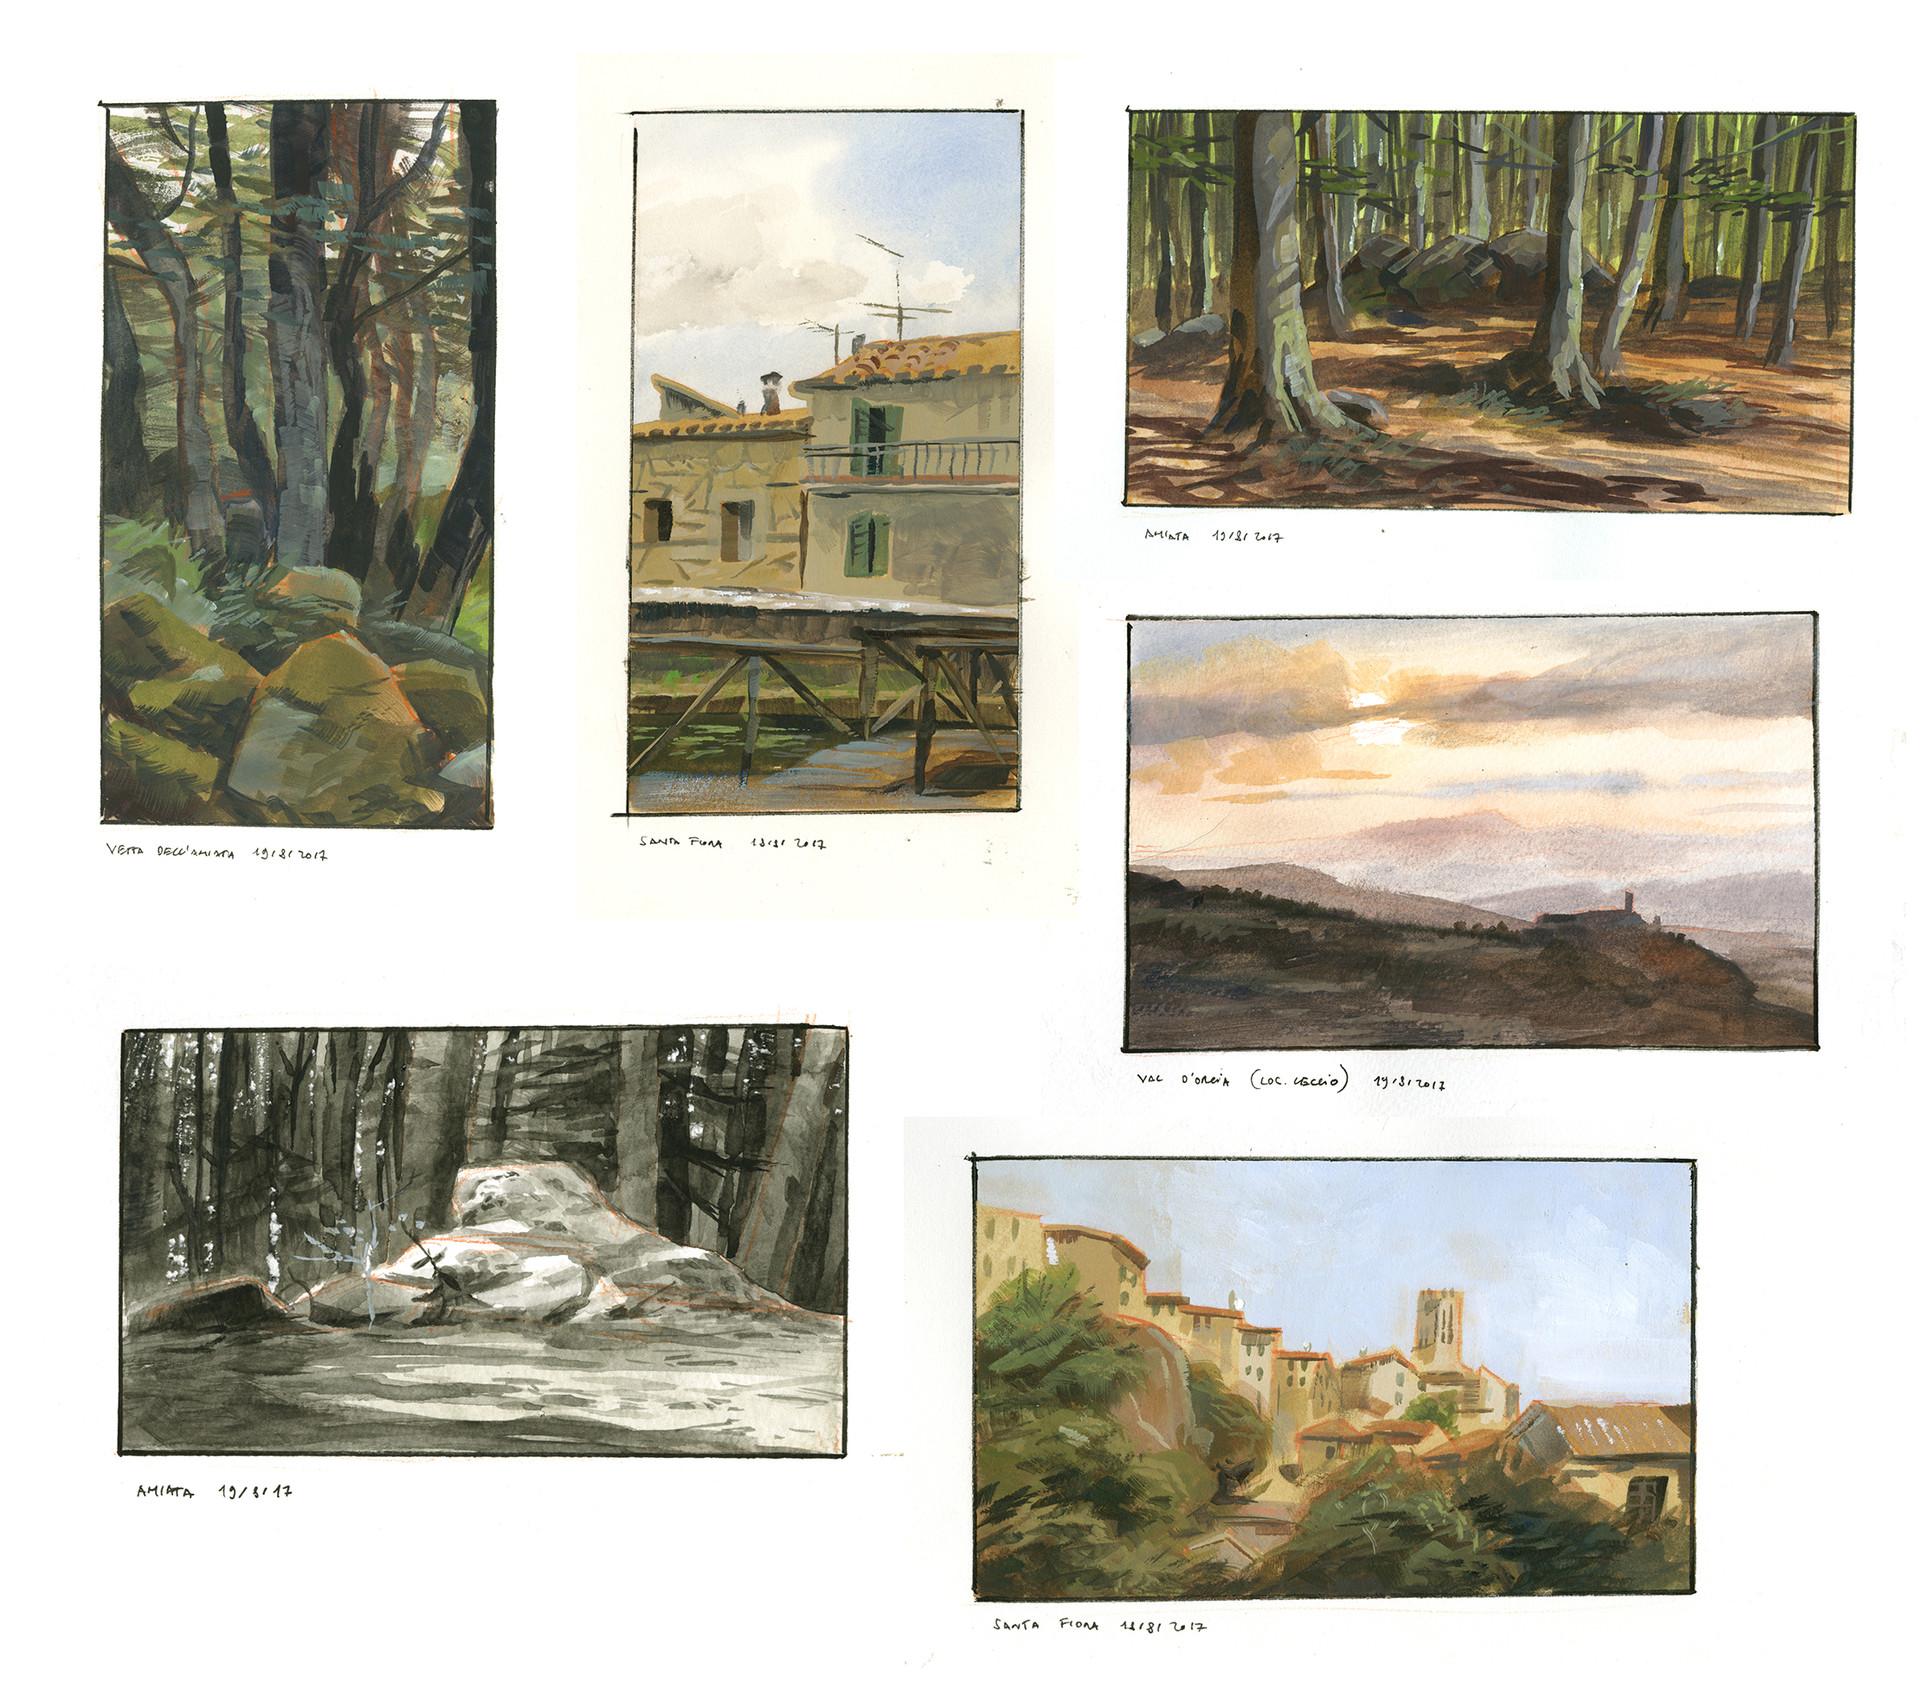 Roberto ricci collage